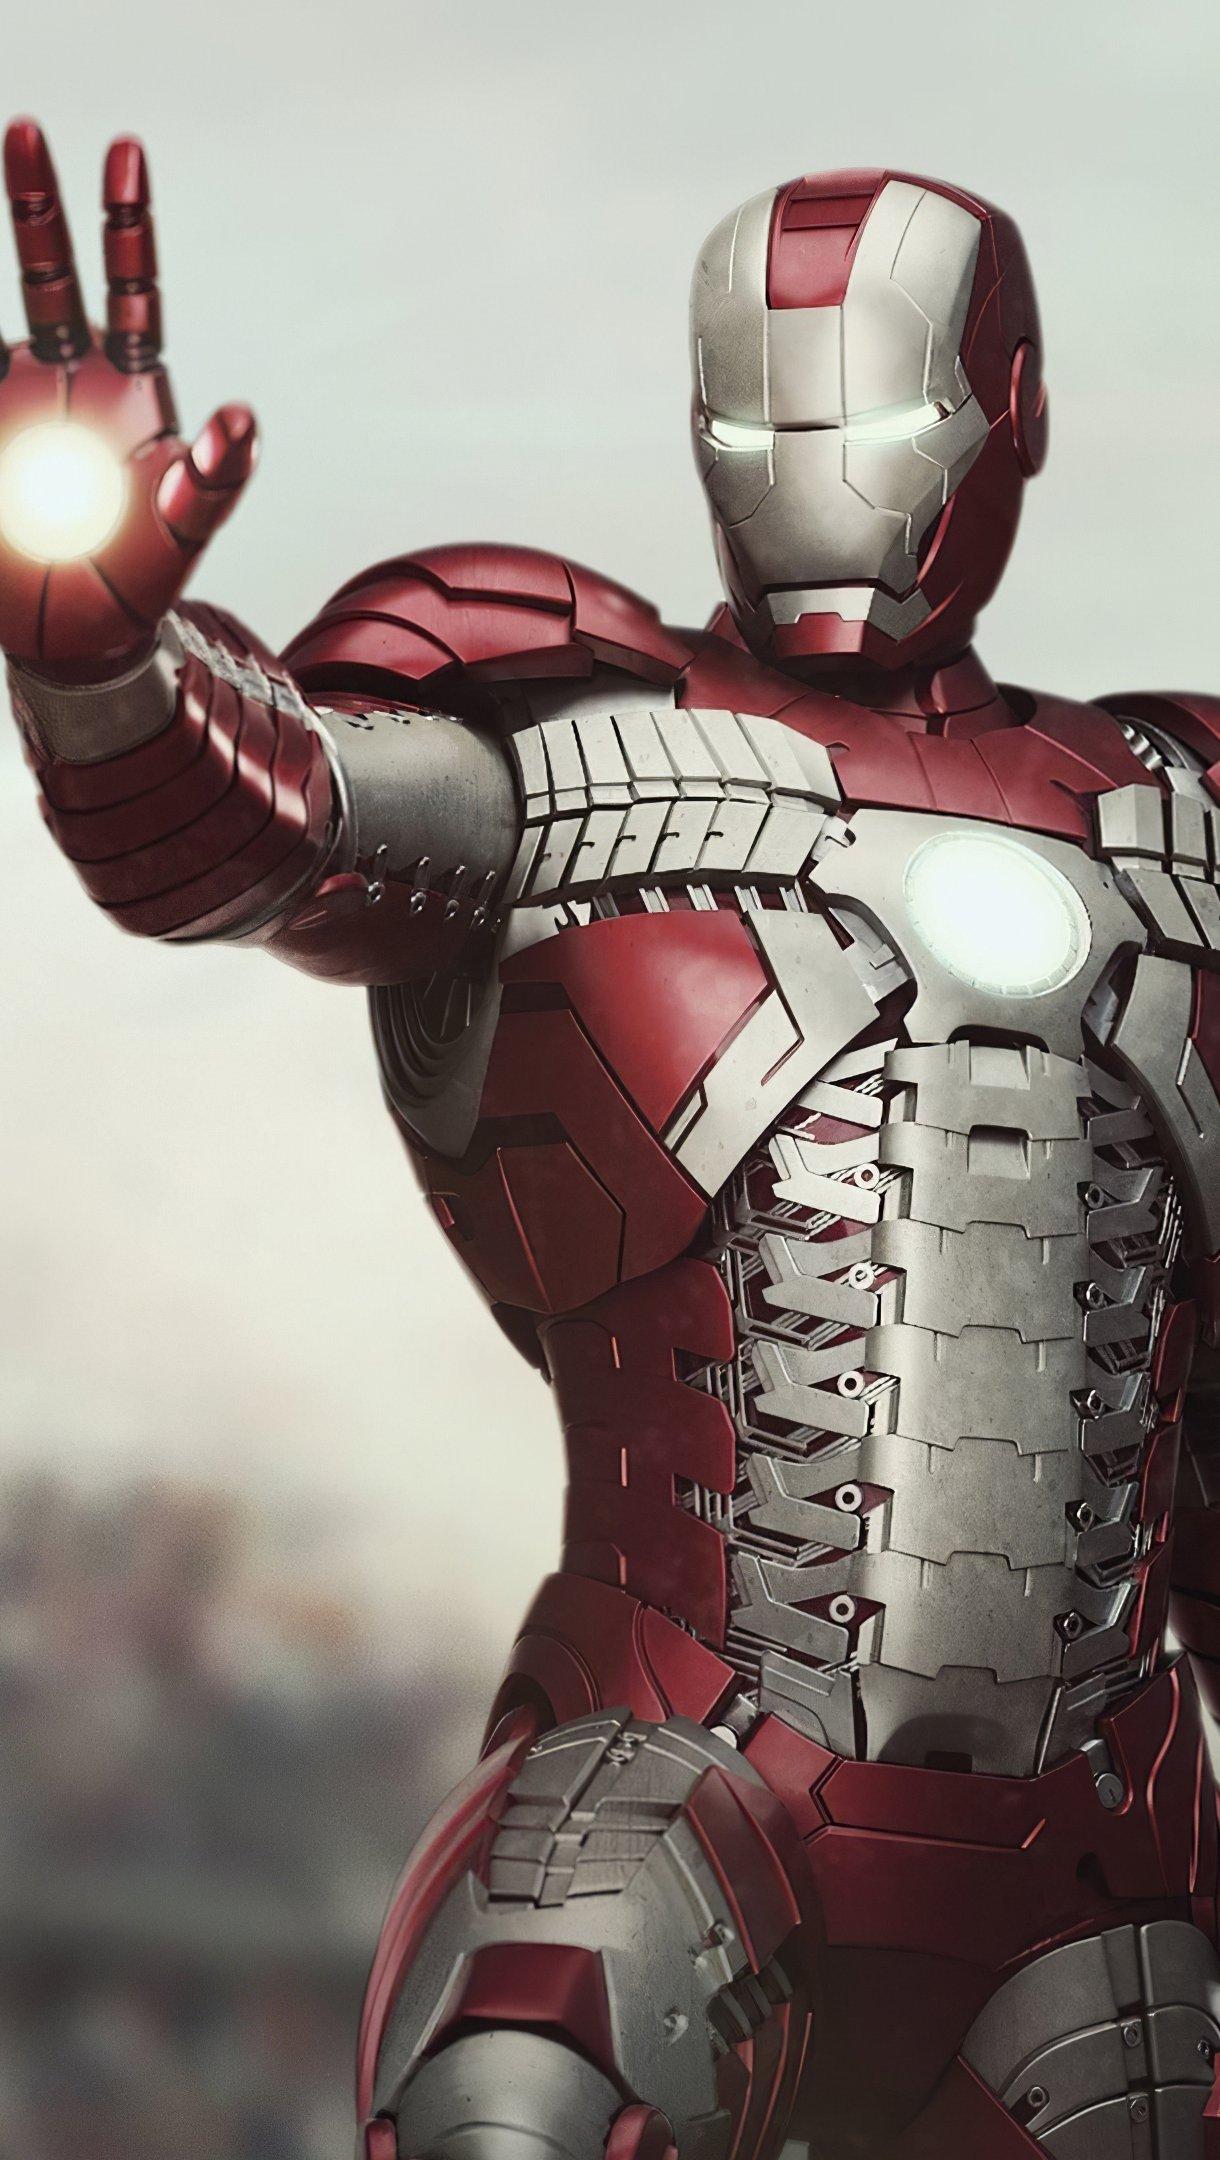 Wallpaper Iron man 2020 Vertical